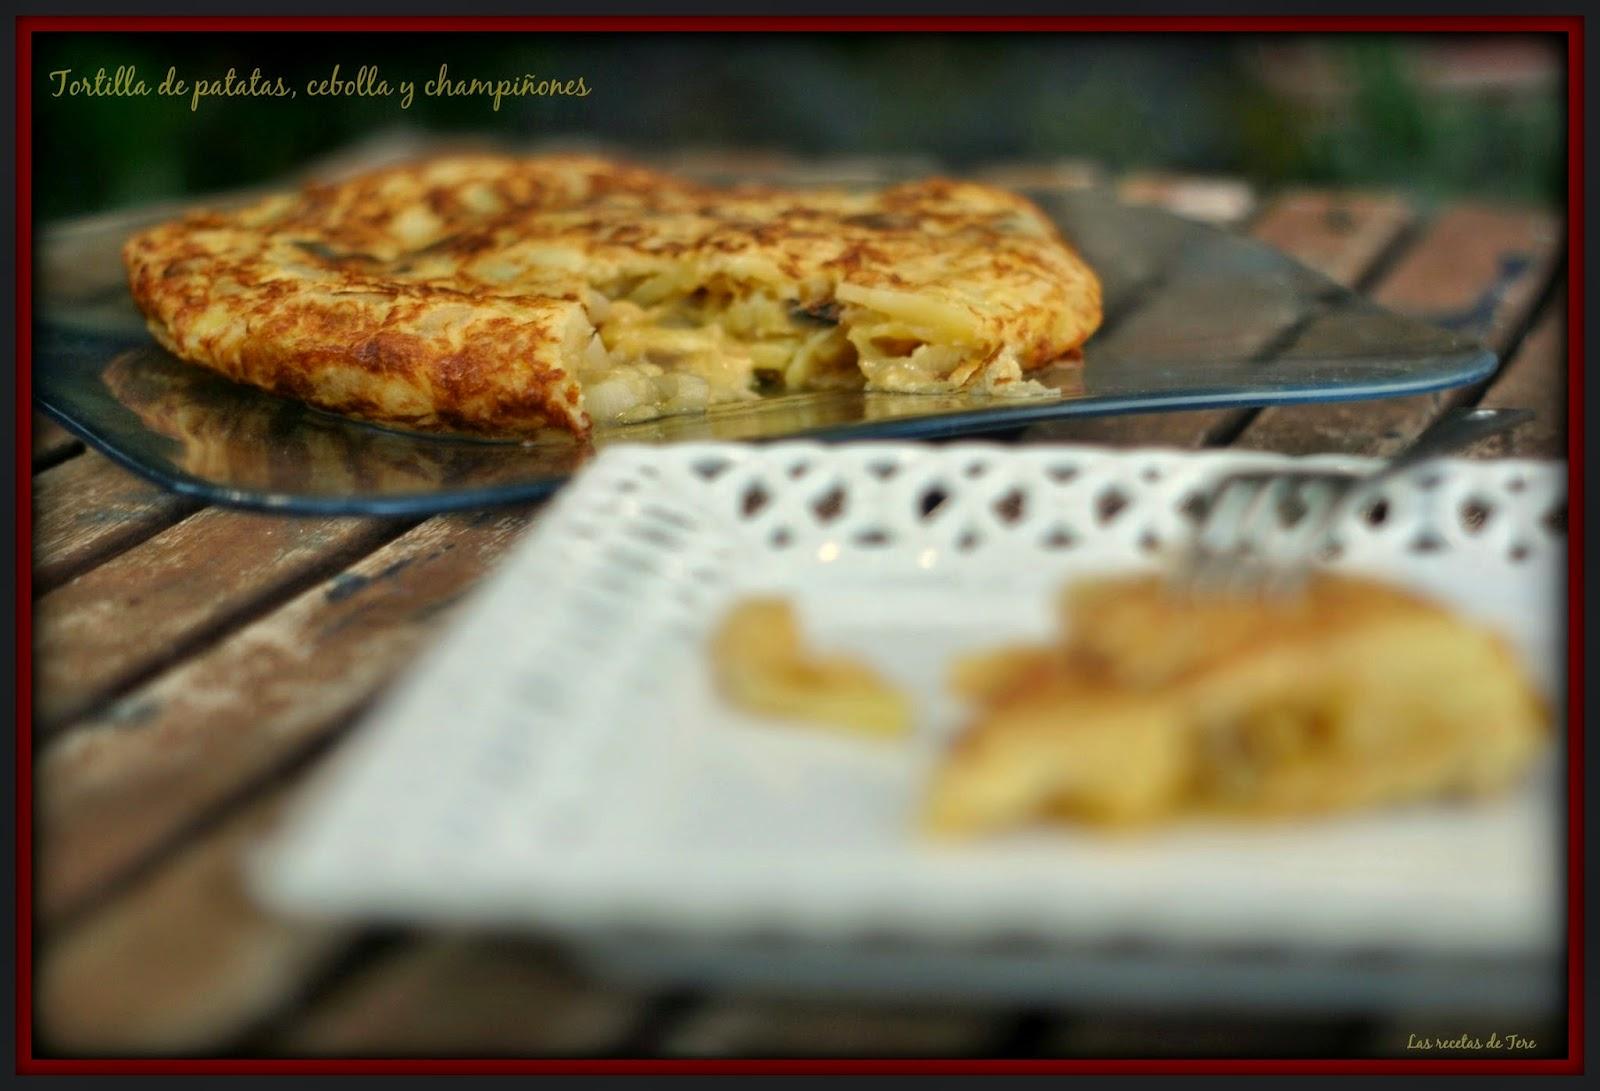 Tortilla de patatas, cebolla y champiñones 06